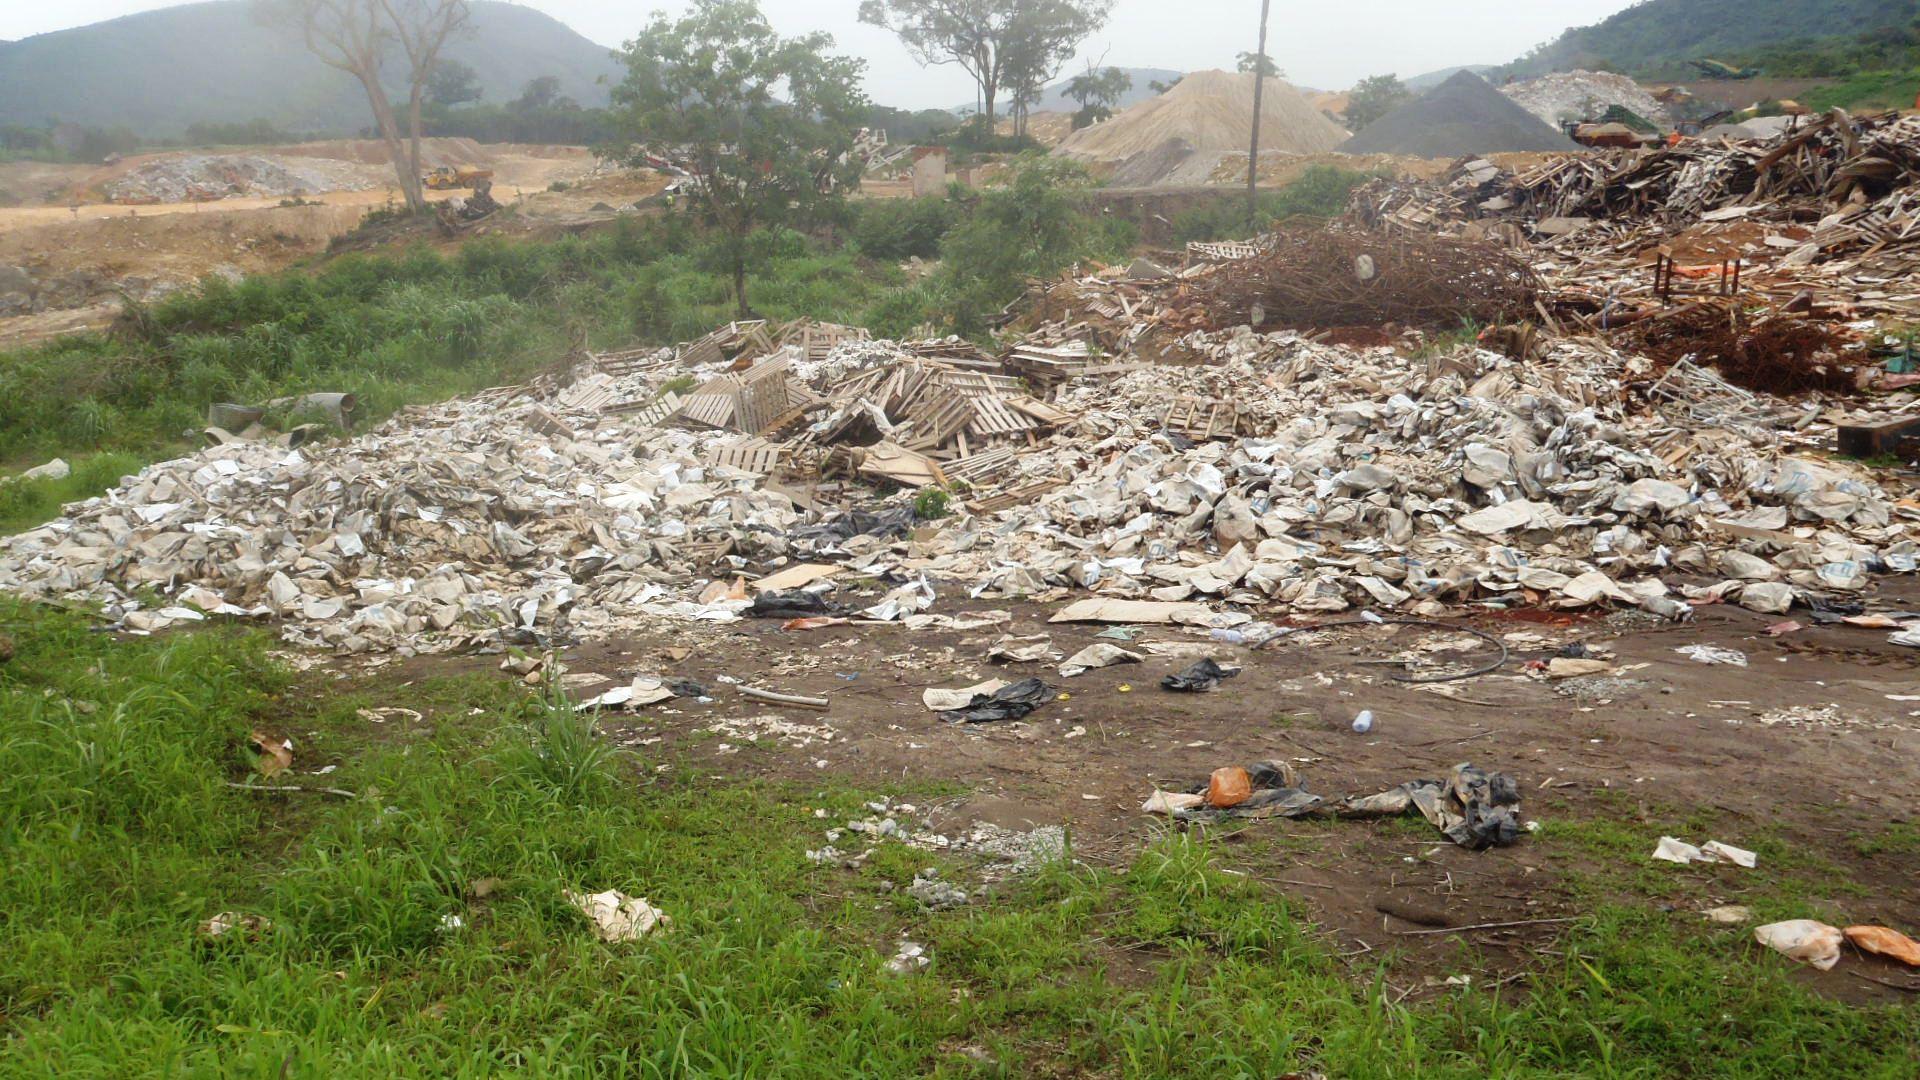 Non-compliant waste at mine site